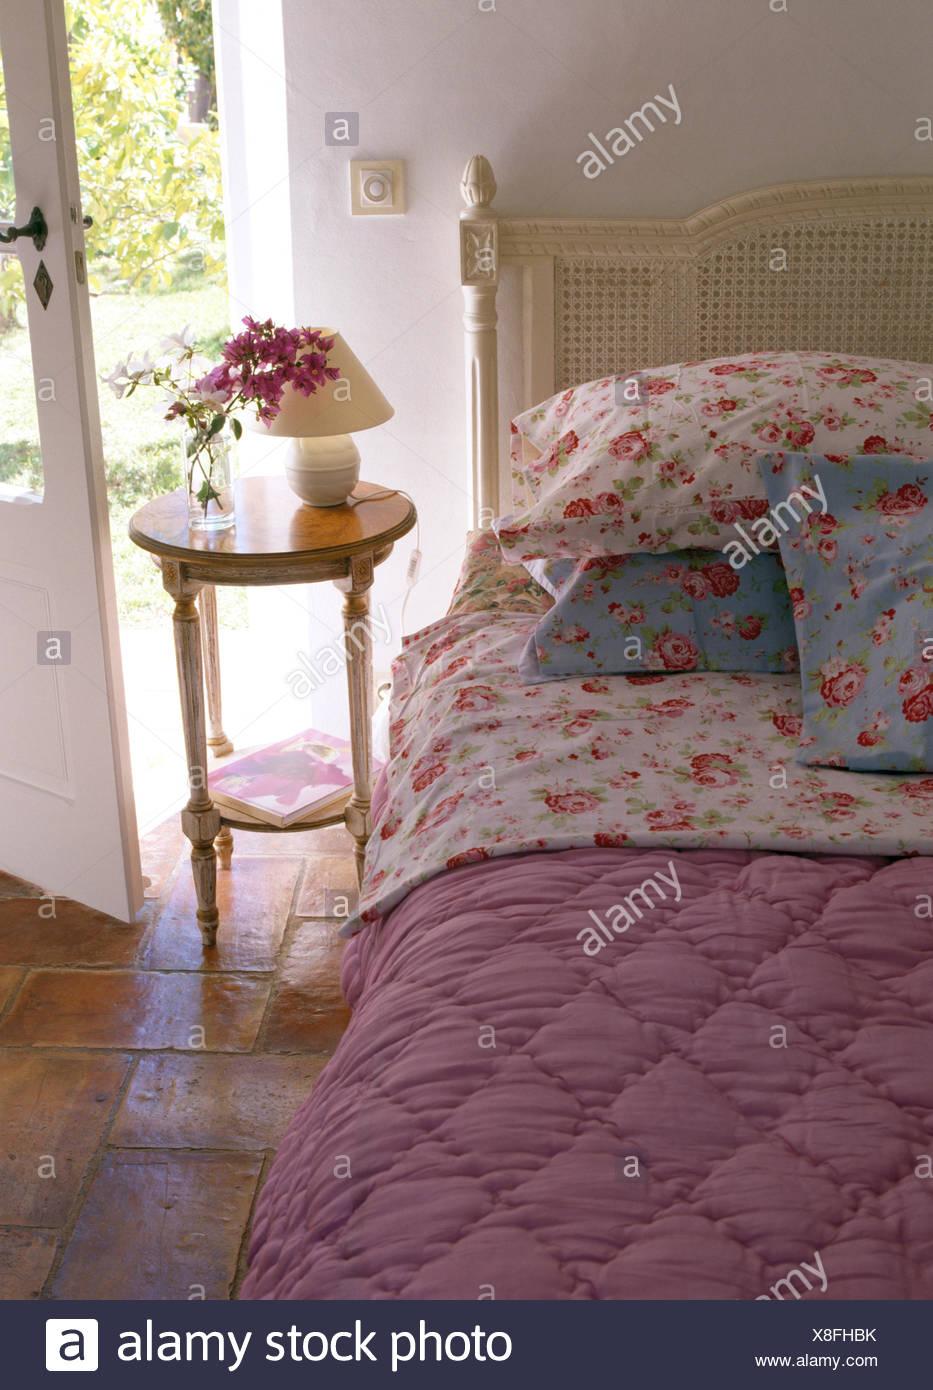 Rose Gemusterte Kissen Und Rosa Quilt In Französischer Landhaus Schlafzimmer  Mit Kleinen Nachttisch